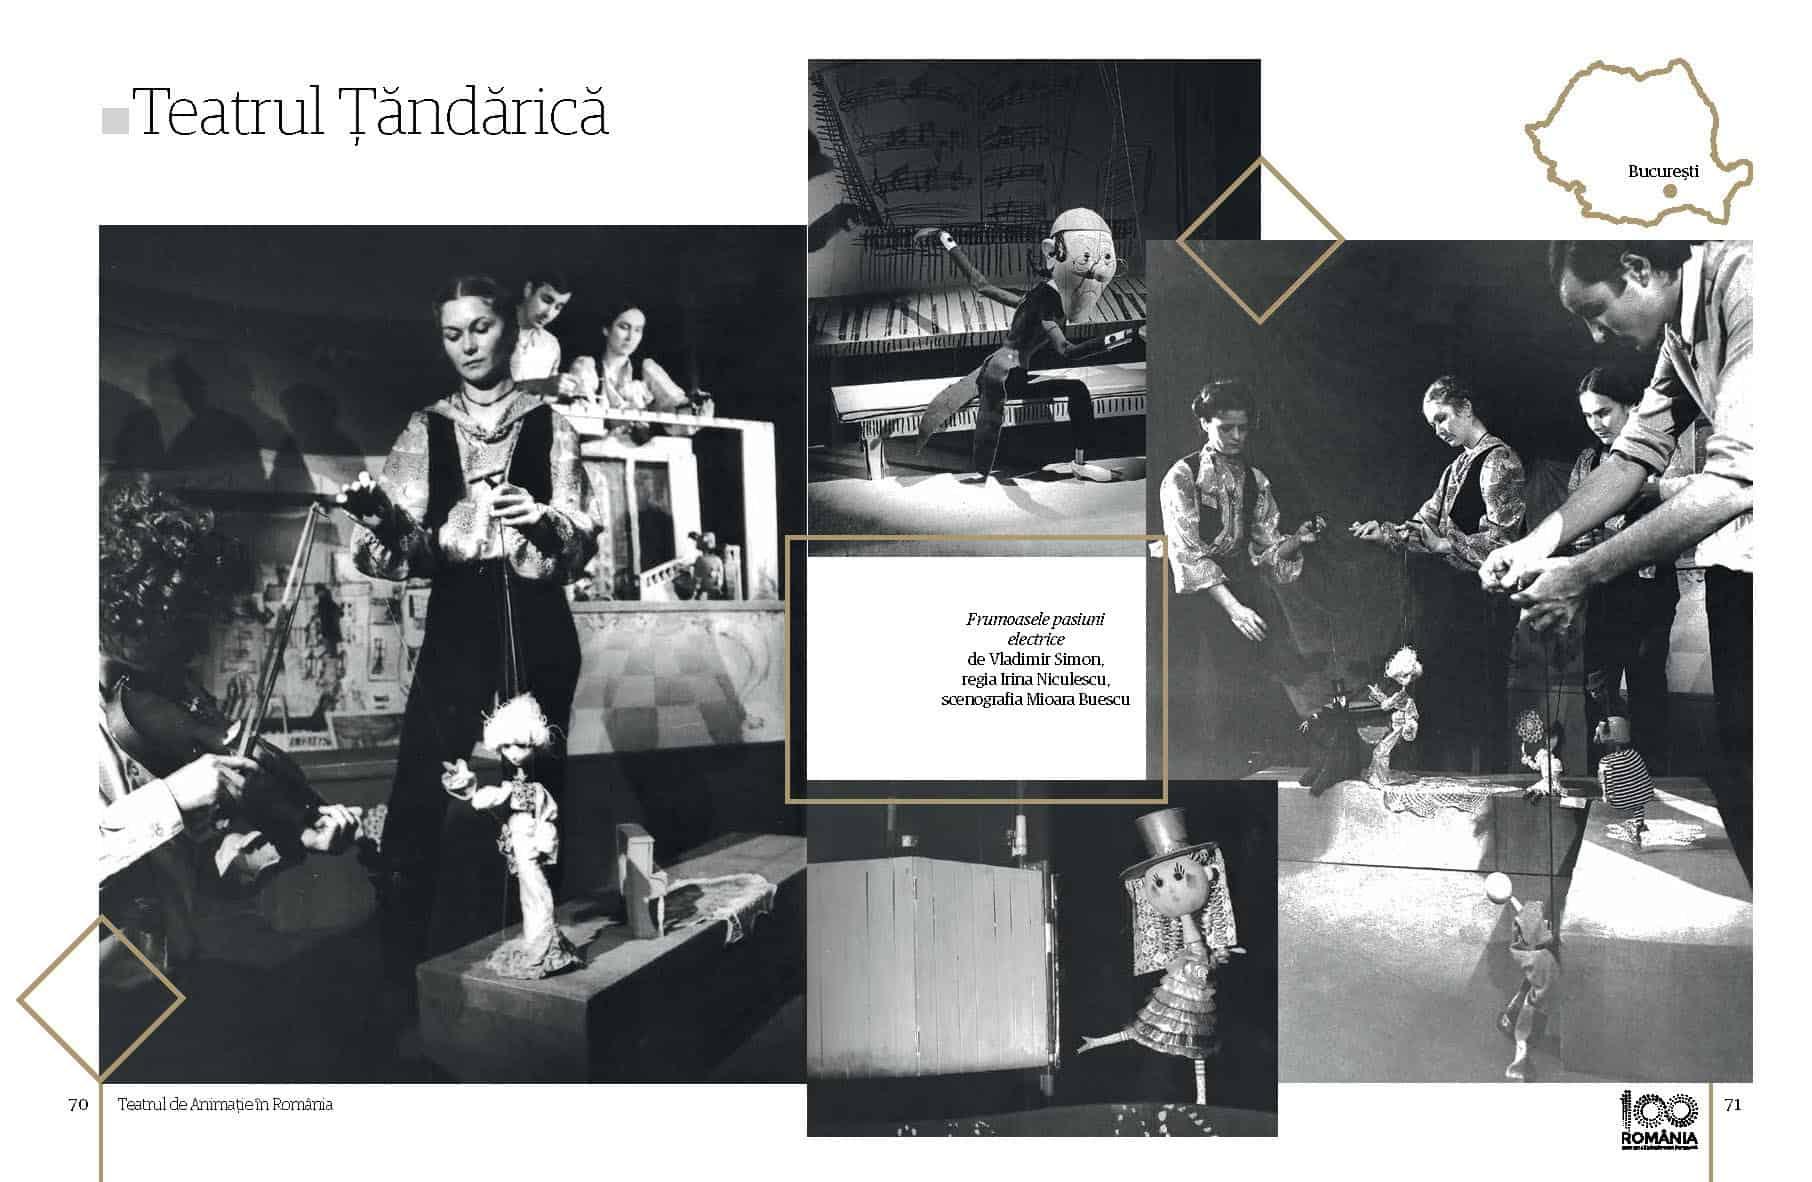 Album Teatrul de Animatie in Romania final preview fata in fata Page 36